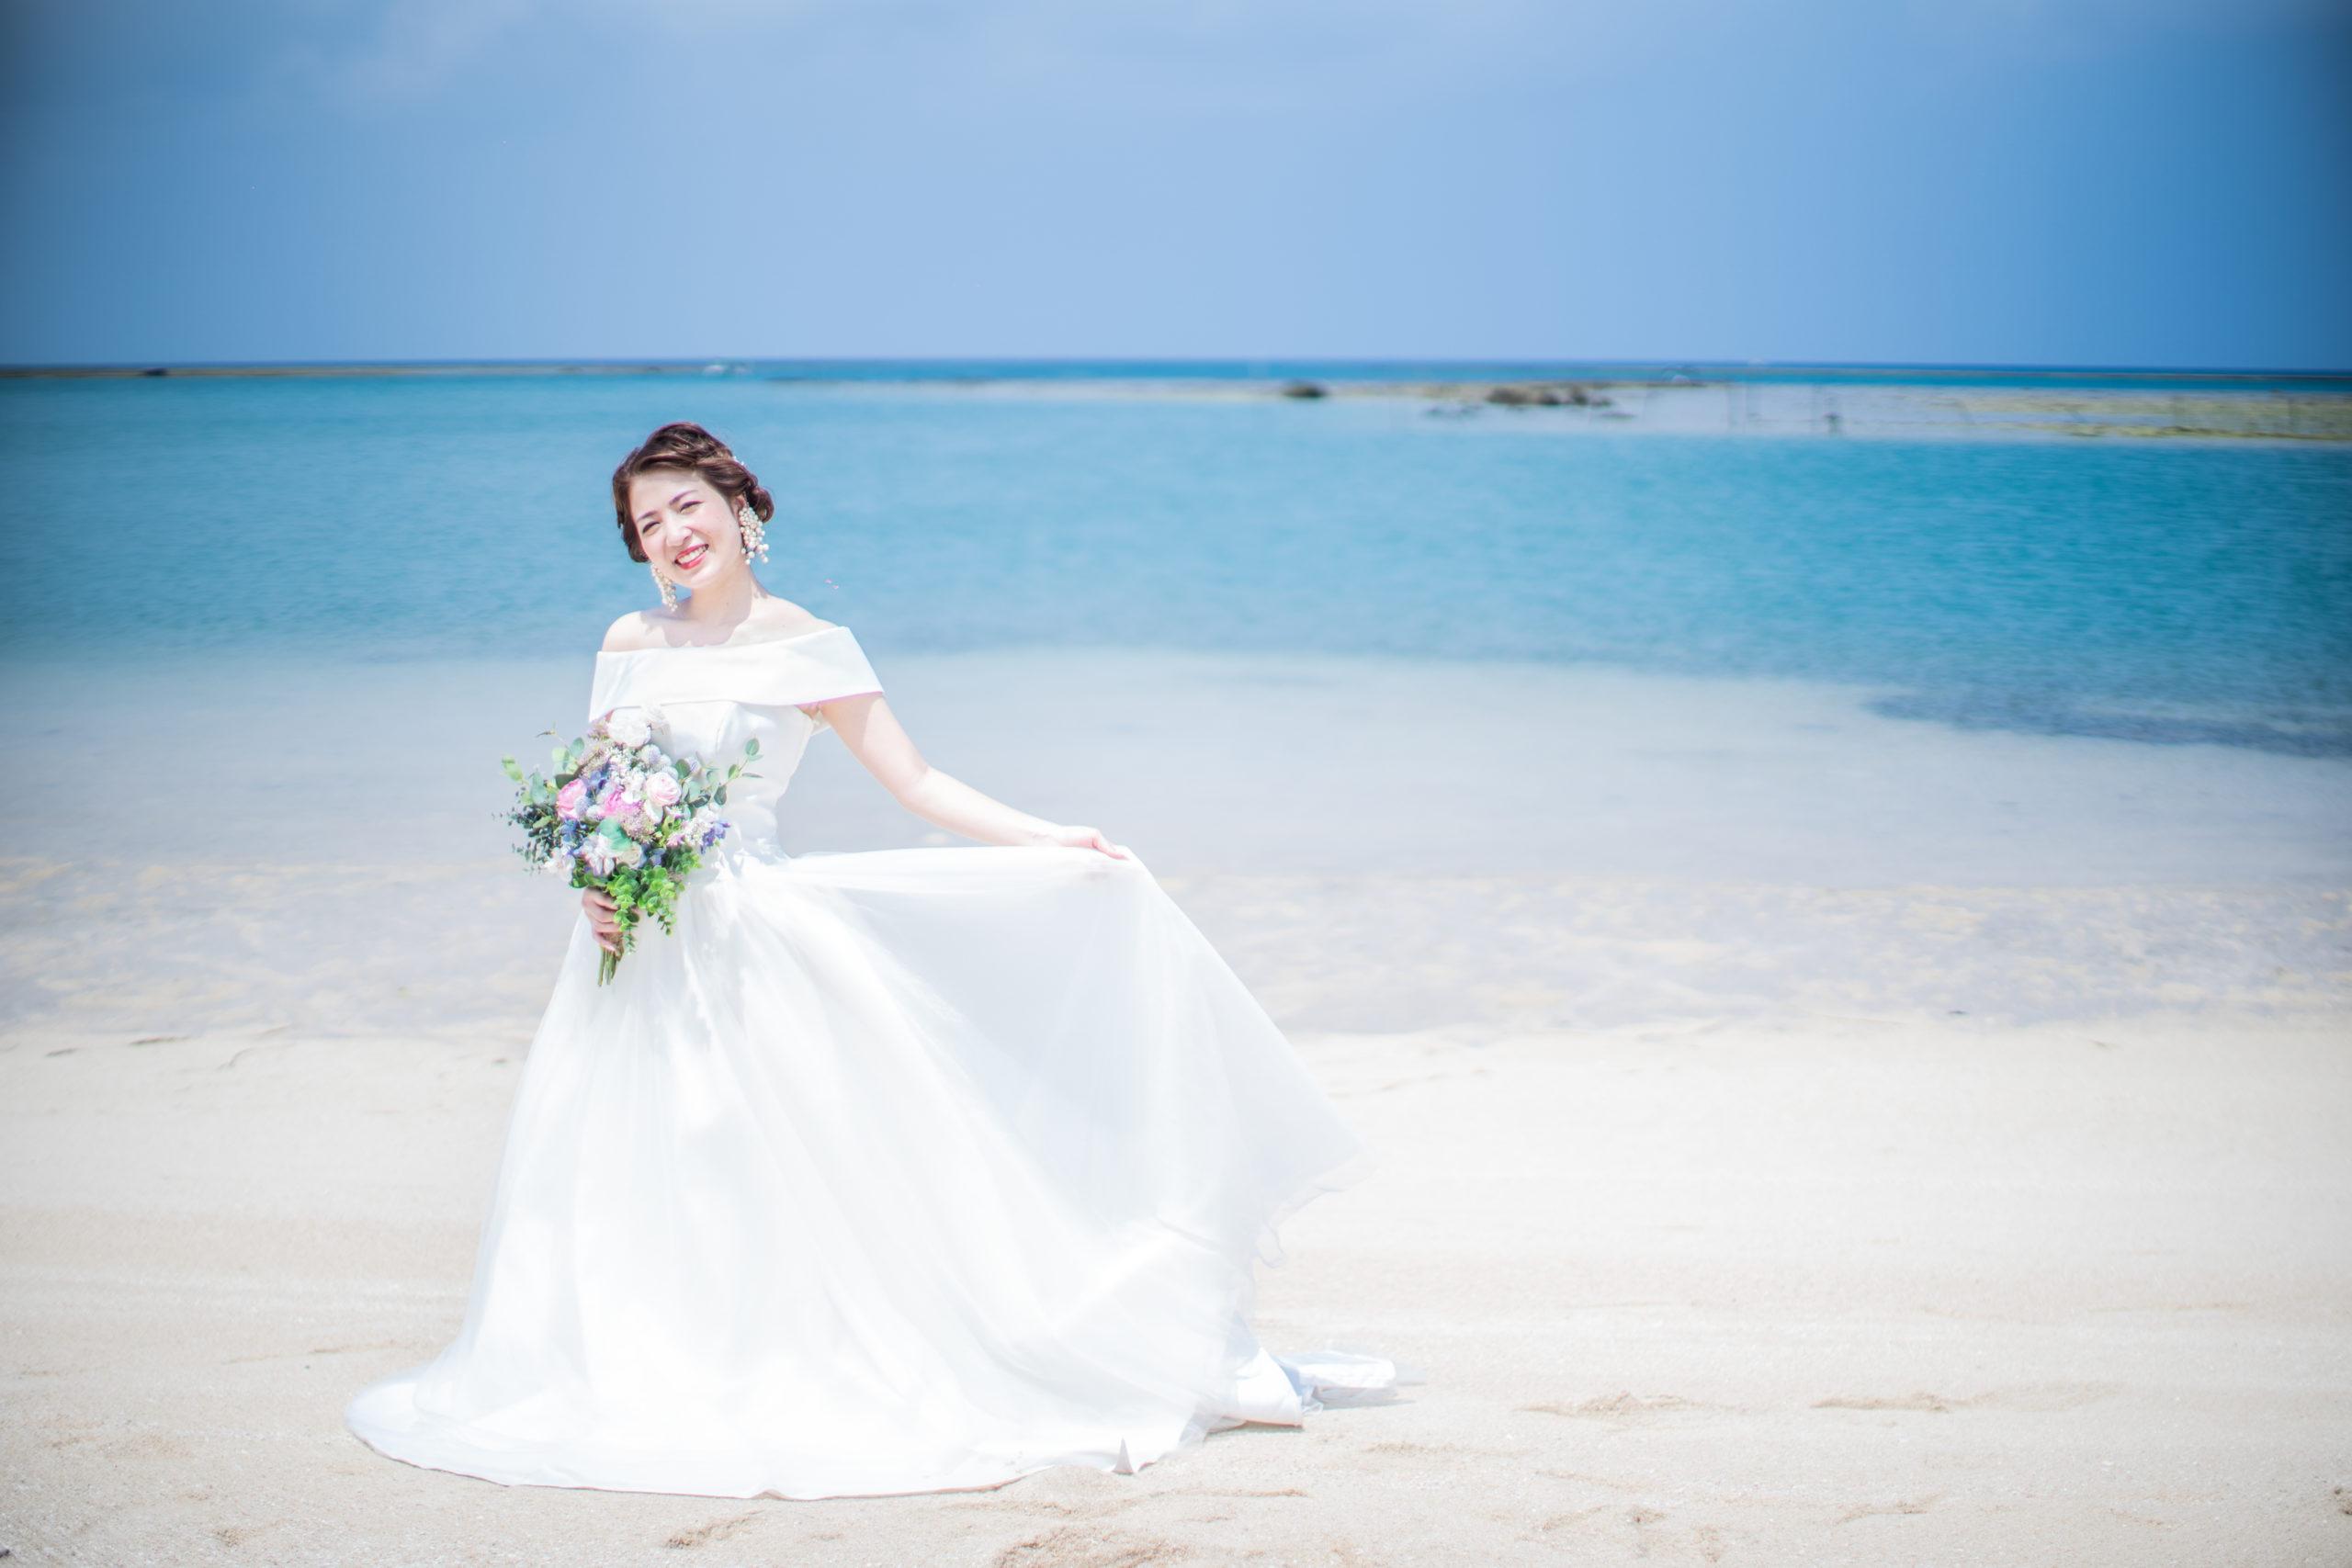 フォトウェディング,結婚写真,ドレス,沖縄,ロケ,海